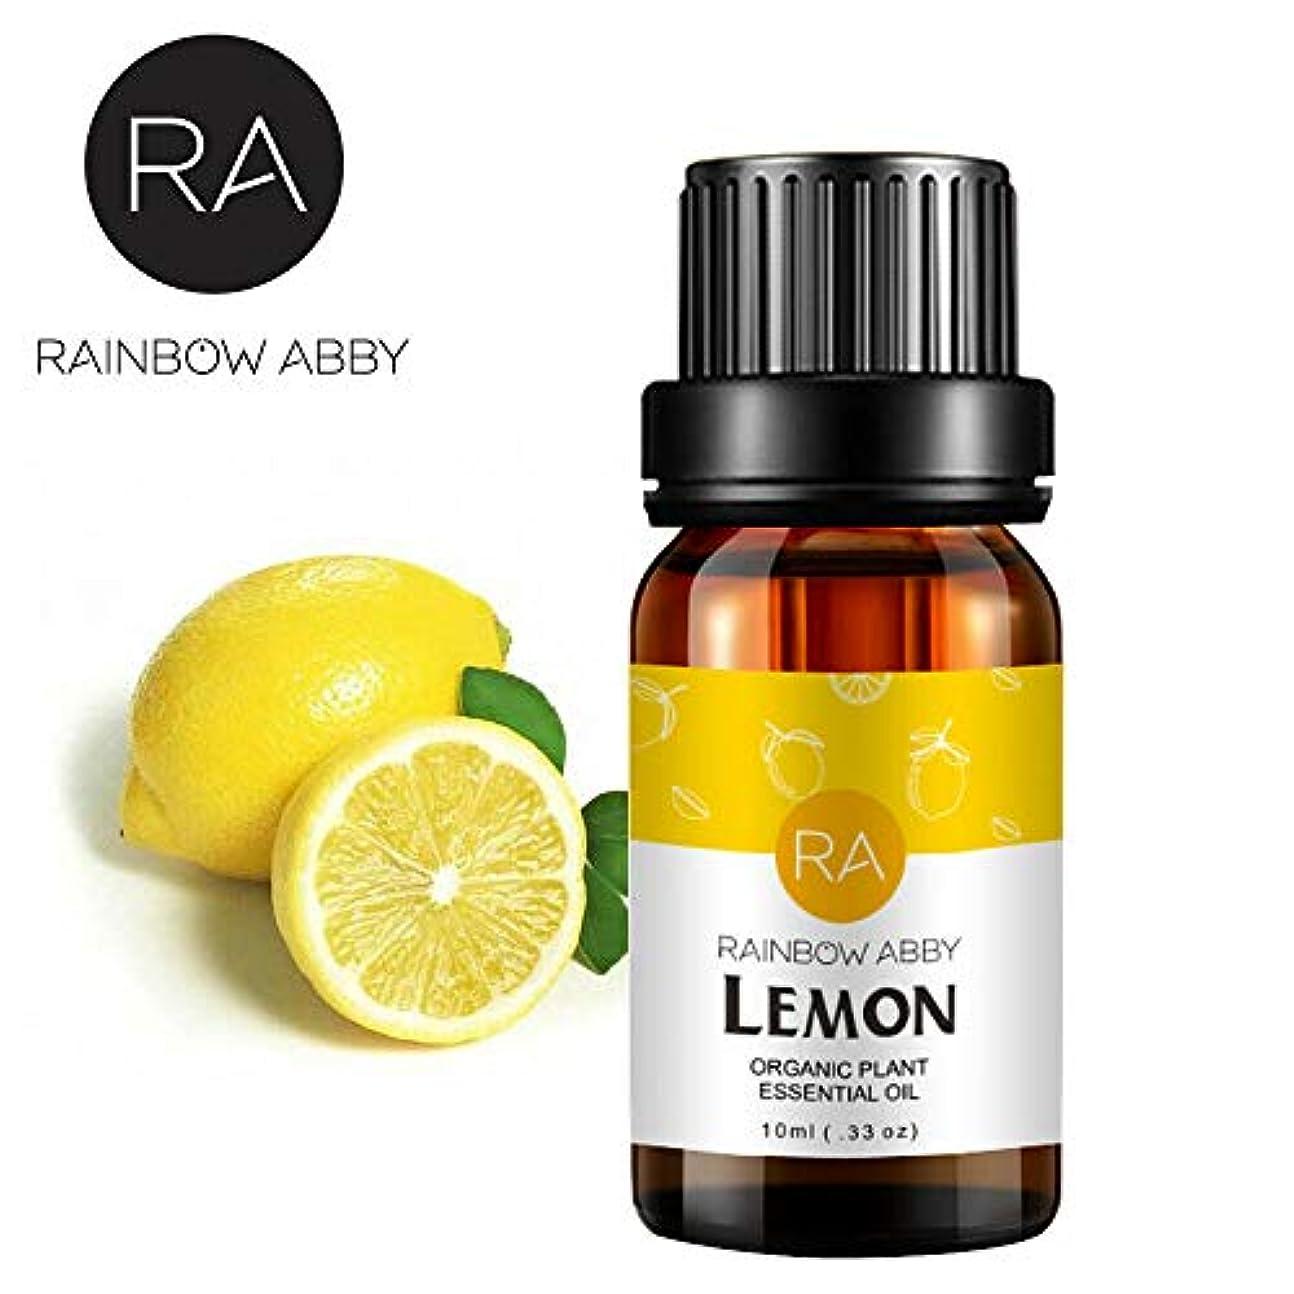 ショートカット評判電球RAINBOW ABBY レモンエッセンシャル オイル ディフューザー アロマ セラピー オイル 100% ピュアオーガニック 植物 エキスレモン オイル 10ML/0.33oz